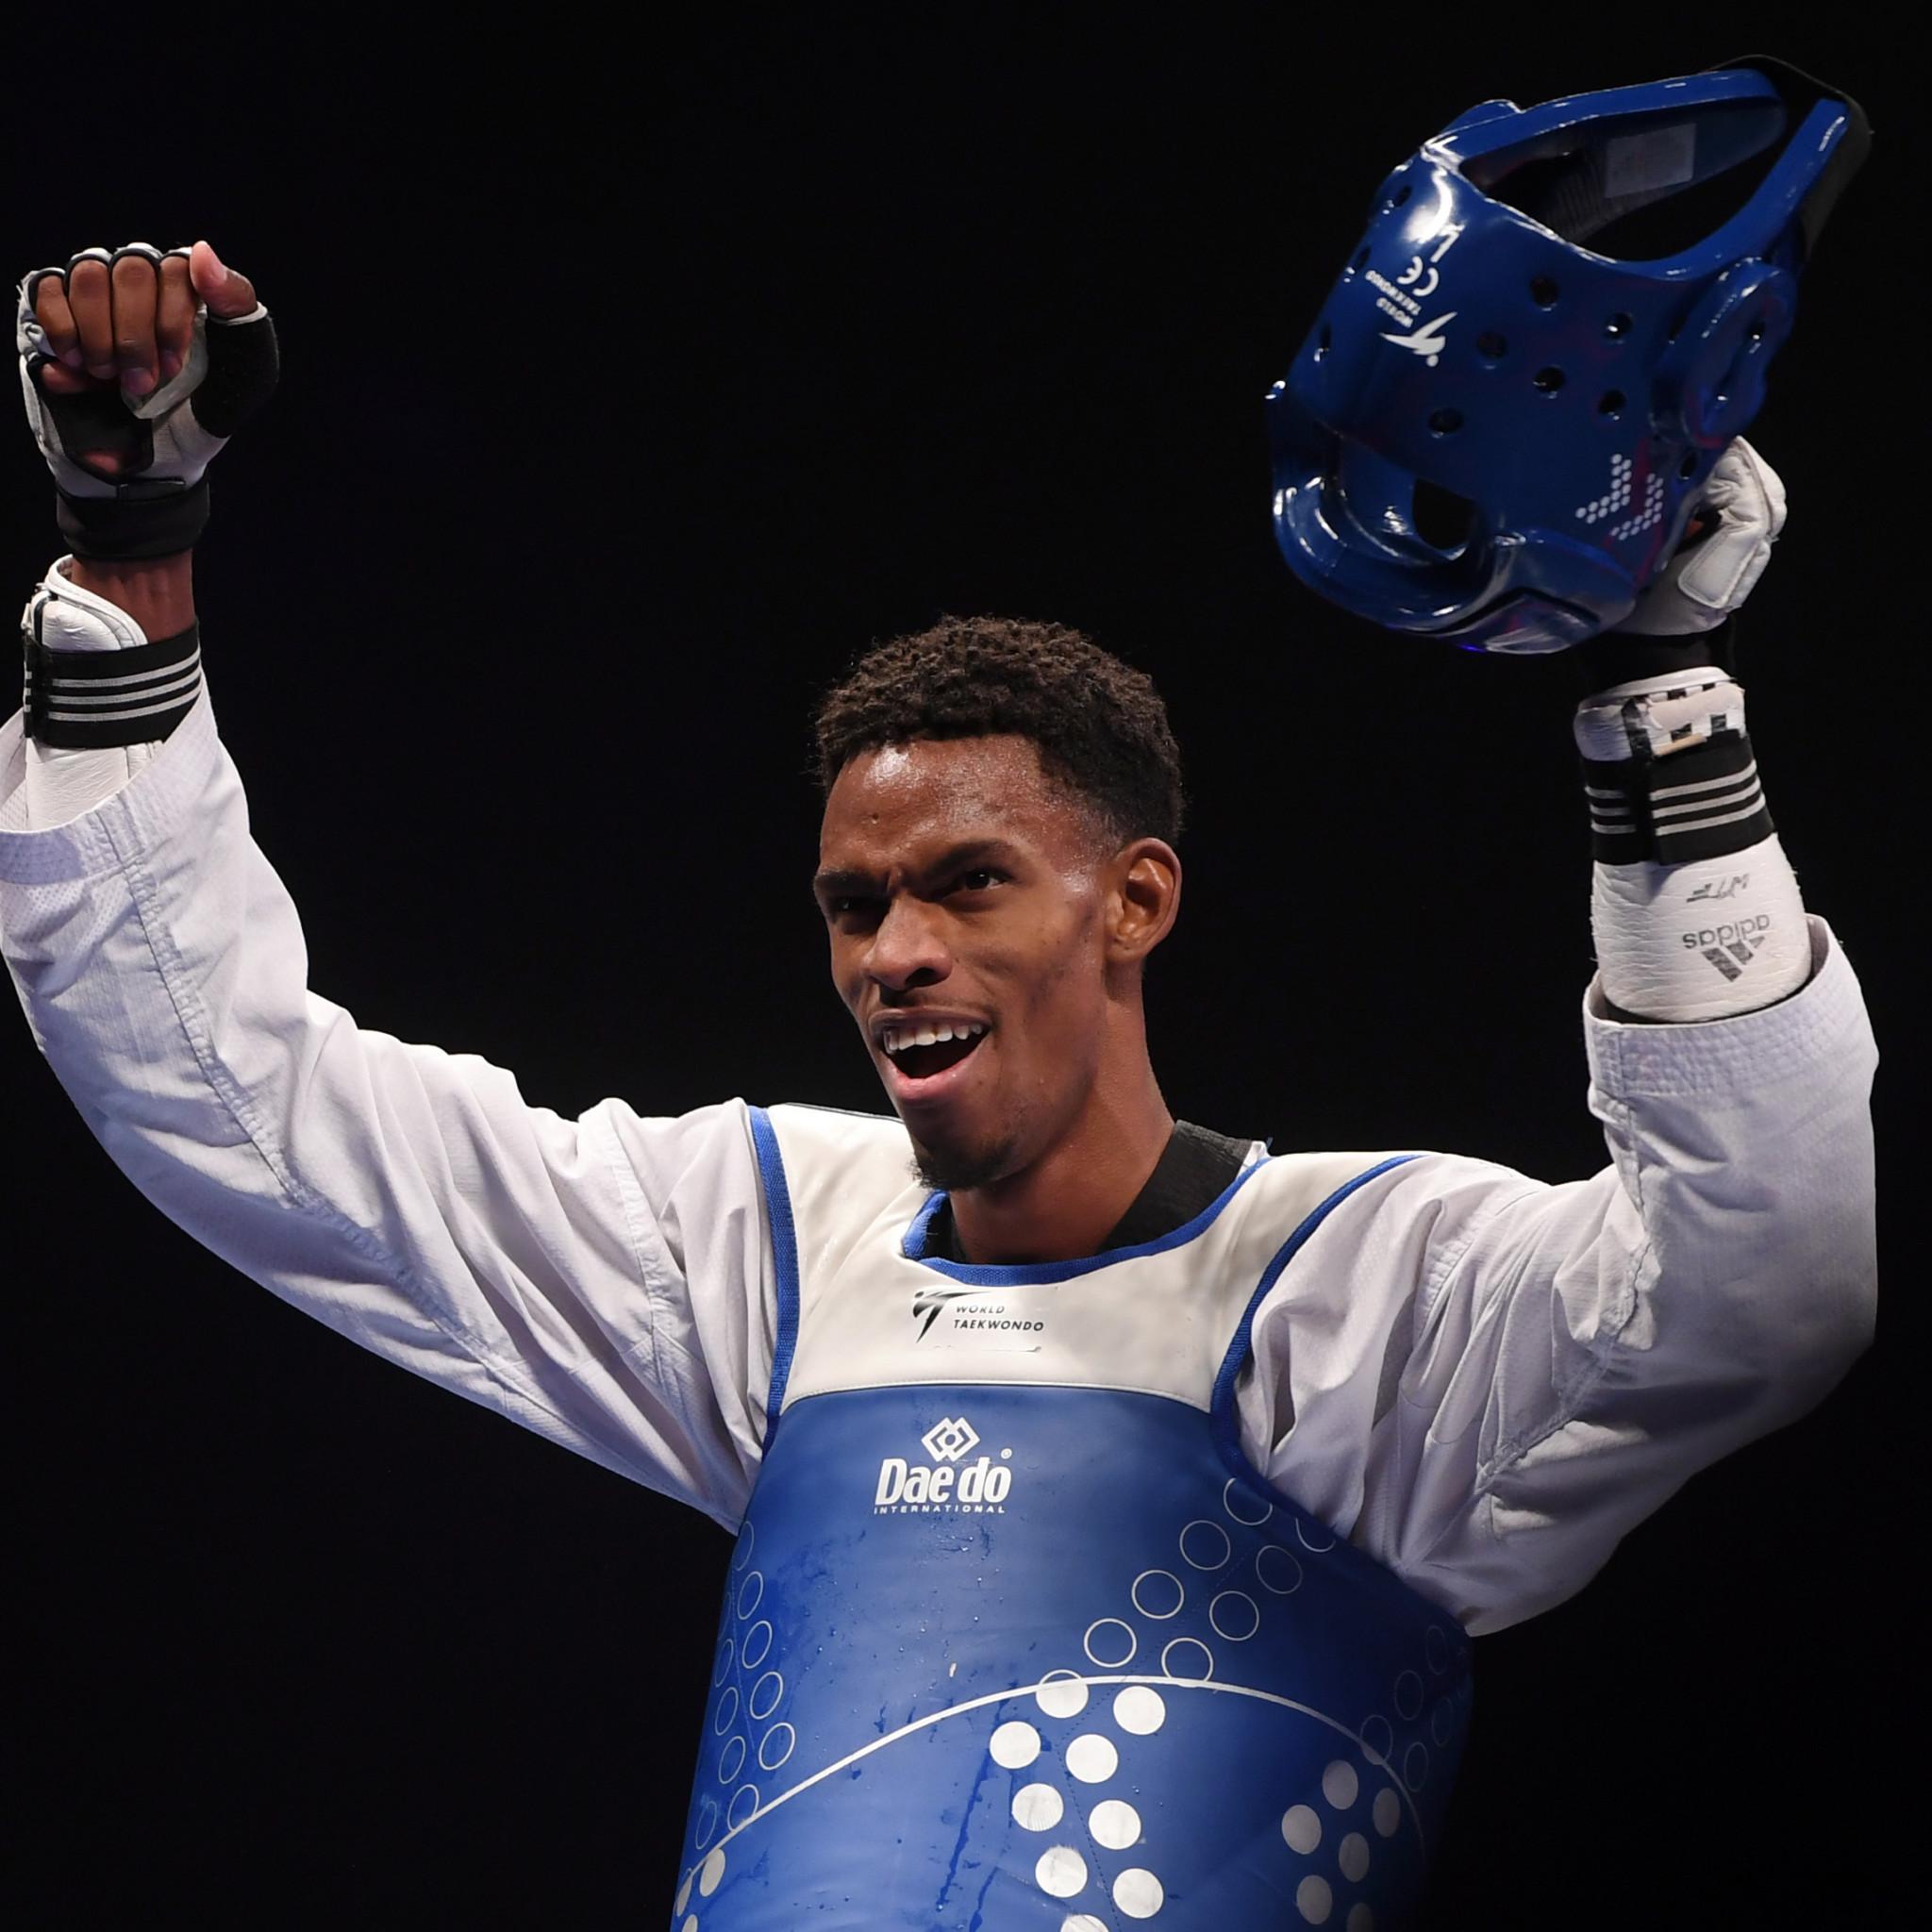 Rafael Alba – Cuba's two-weight world champion